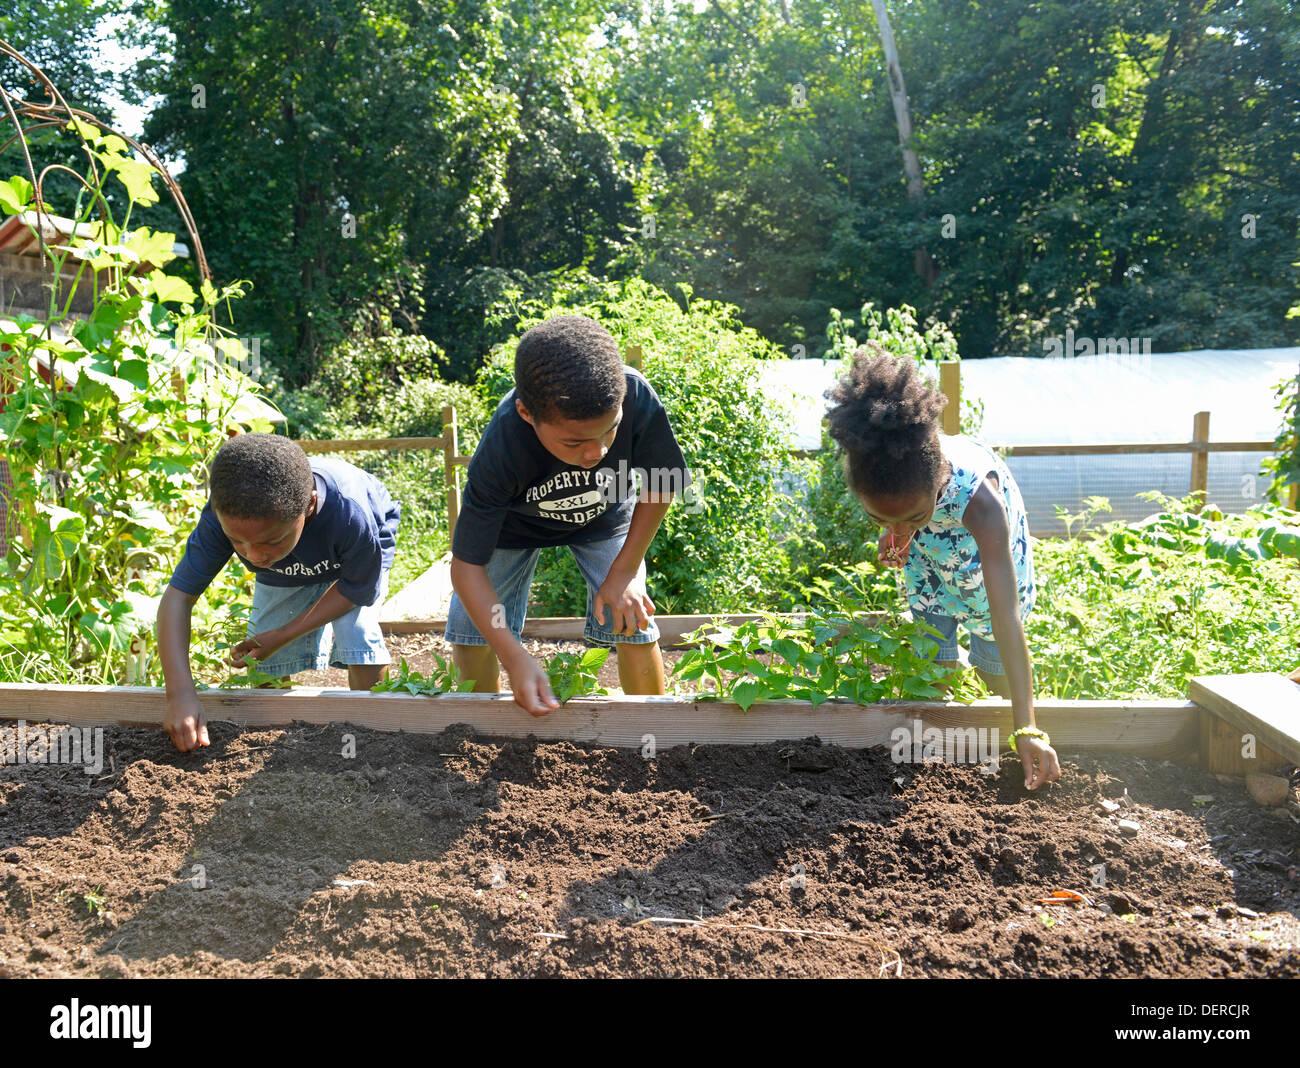 Schwarze Kinder von New Haven Praxis Bepflanzung Salat an Common Ground High School, eine Umwelt-Charta-Schule. Stockbild